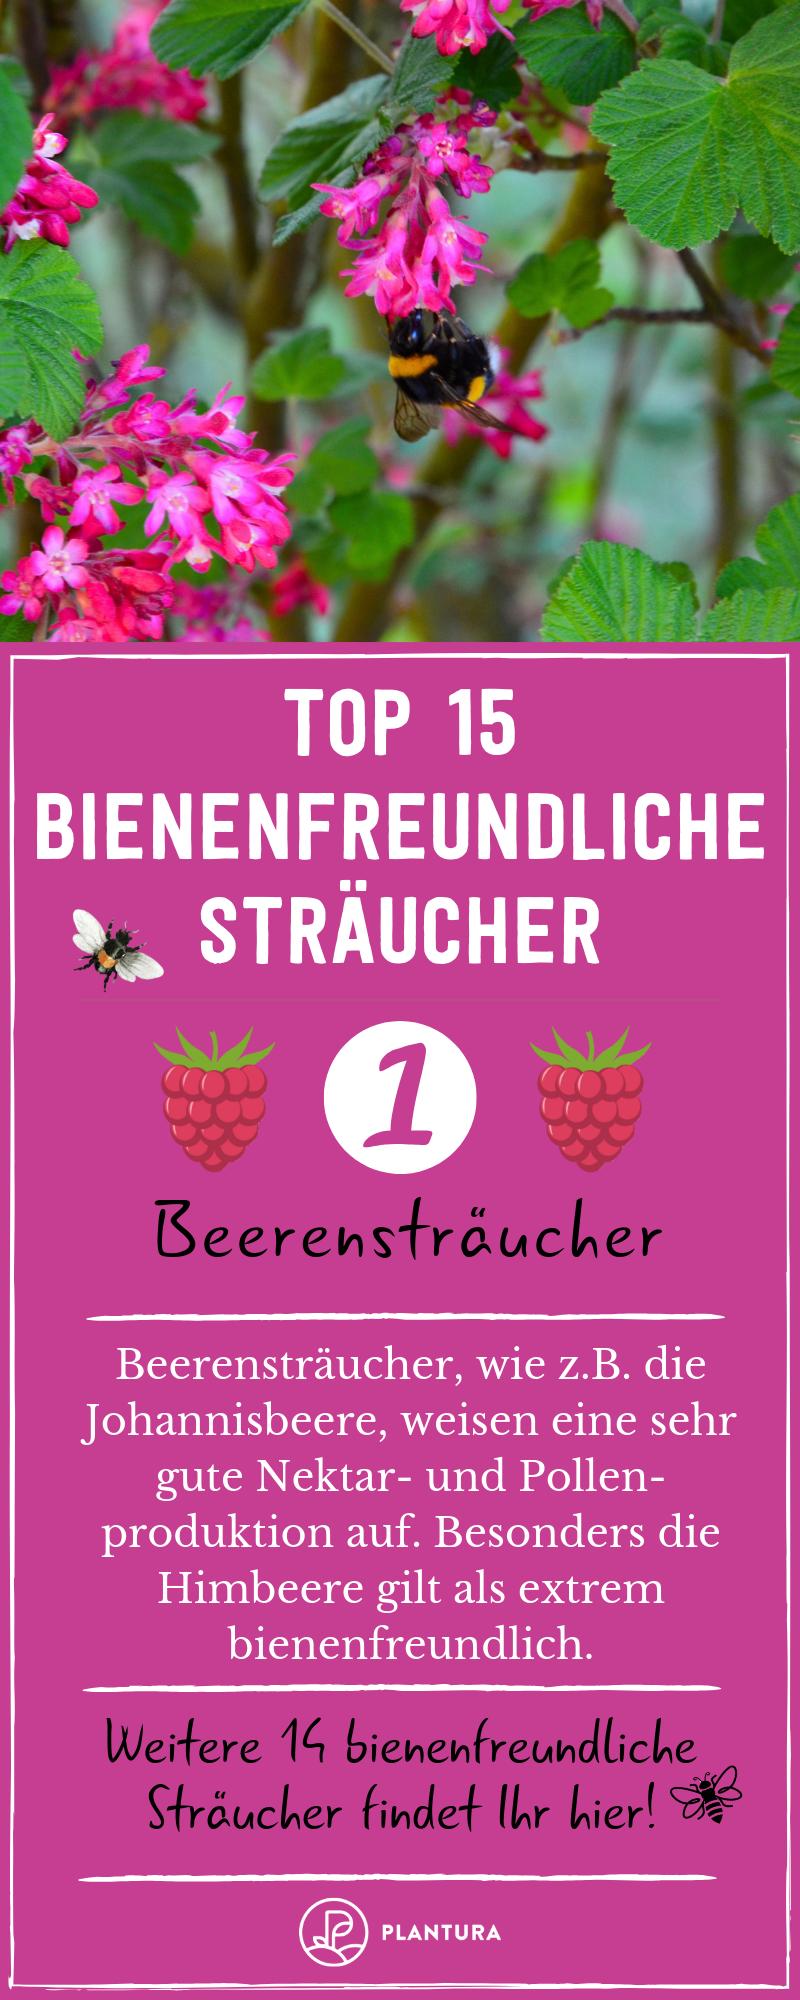 Bienenfreundliche Straucher Top 15 Bienenstraucher Bienenfreundliche Straucher Straucher Garten Straucher Pflanzen